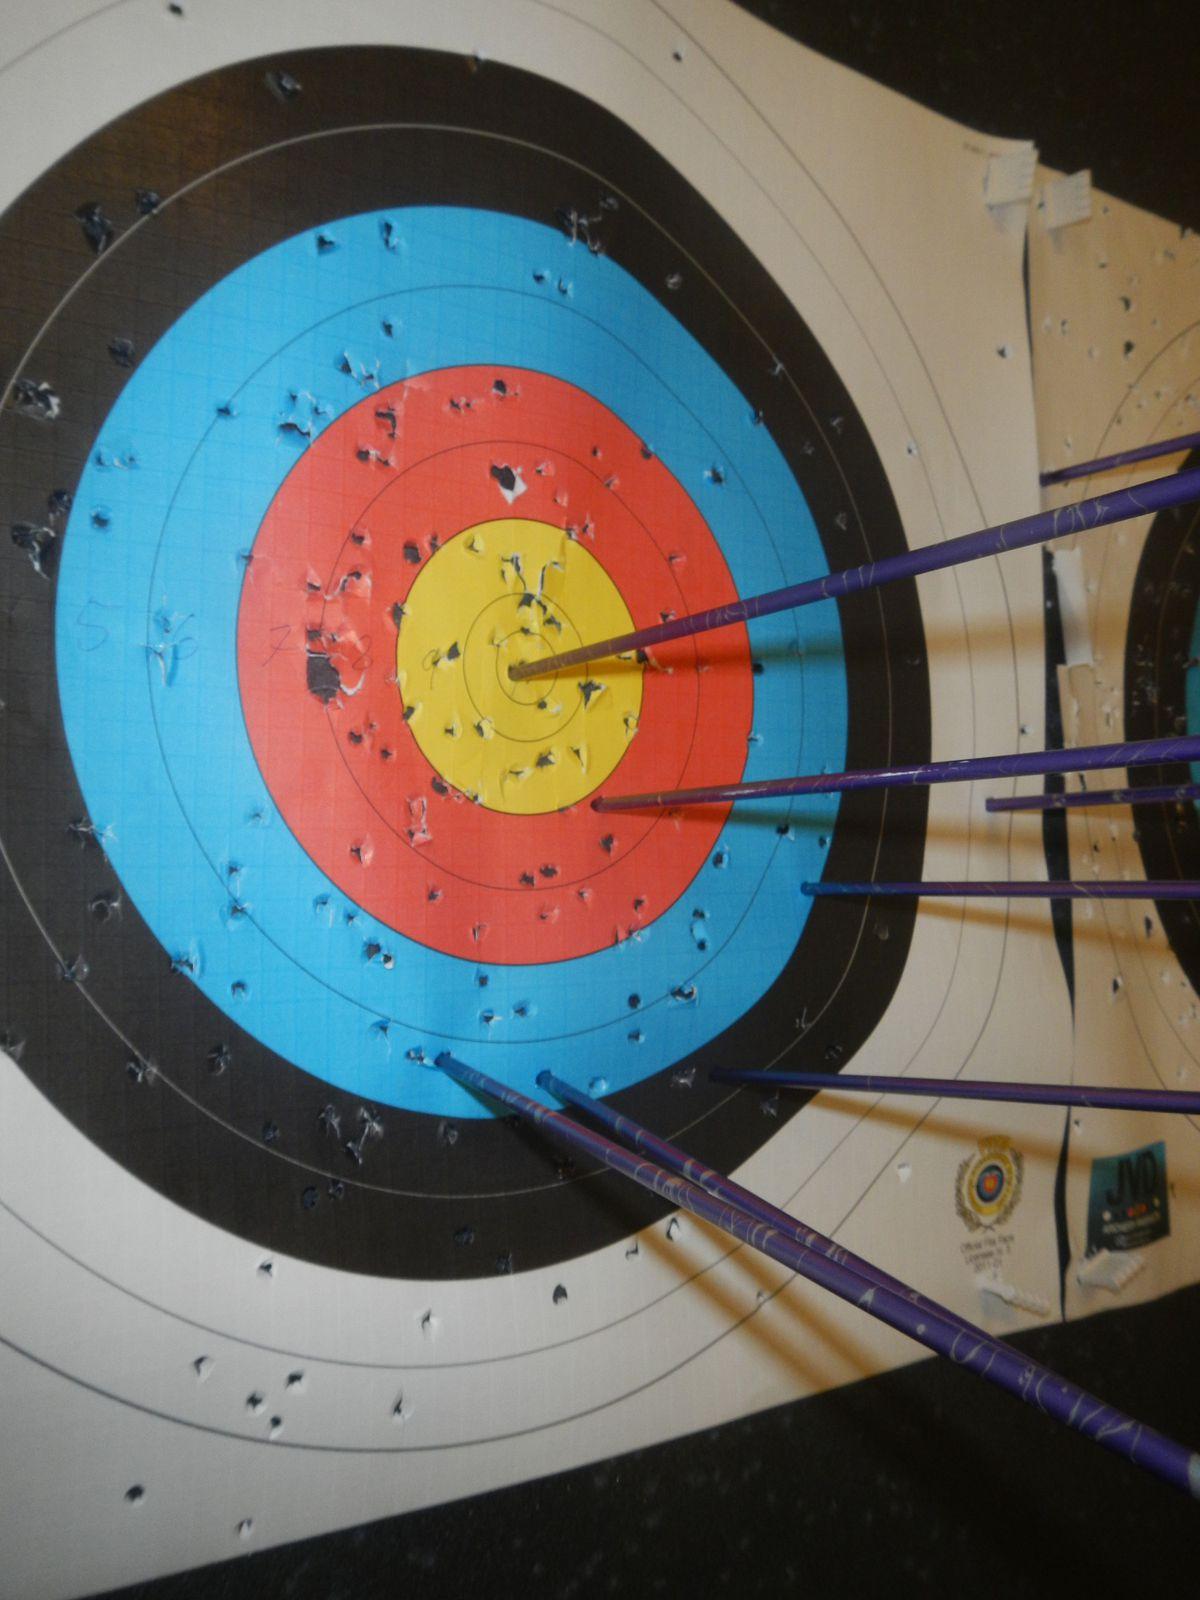 Tir à 12 m... 2 exemples où j'ai réussi à atteindre la cible ! mais au moins, j'ai toujours atteint ma feuille (sauf les 2 1ers tirs) - Il est interdit de se moquer !